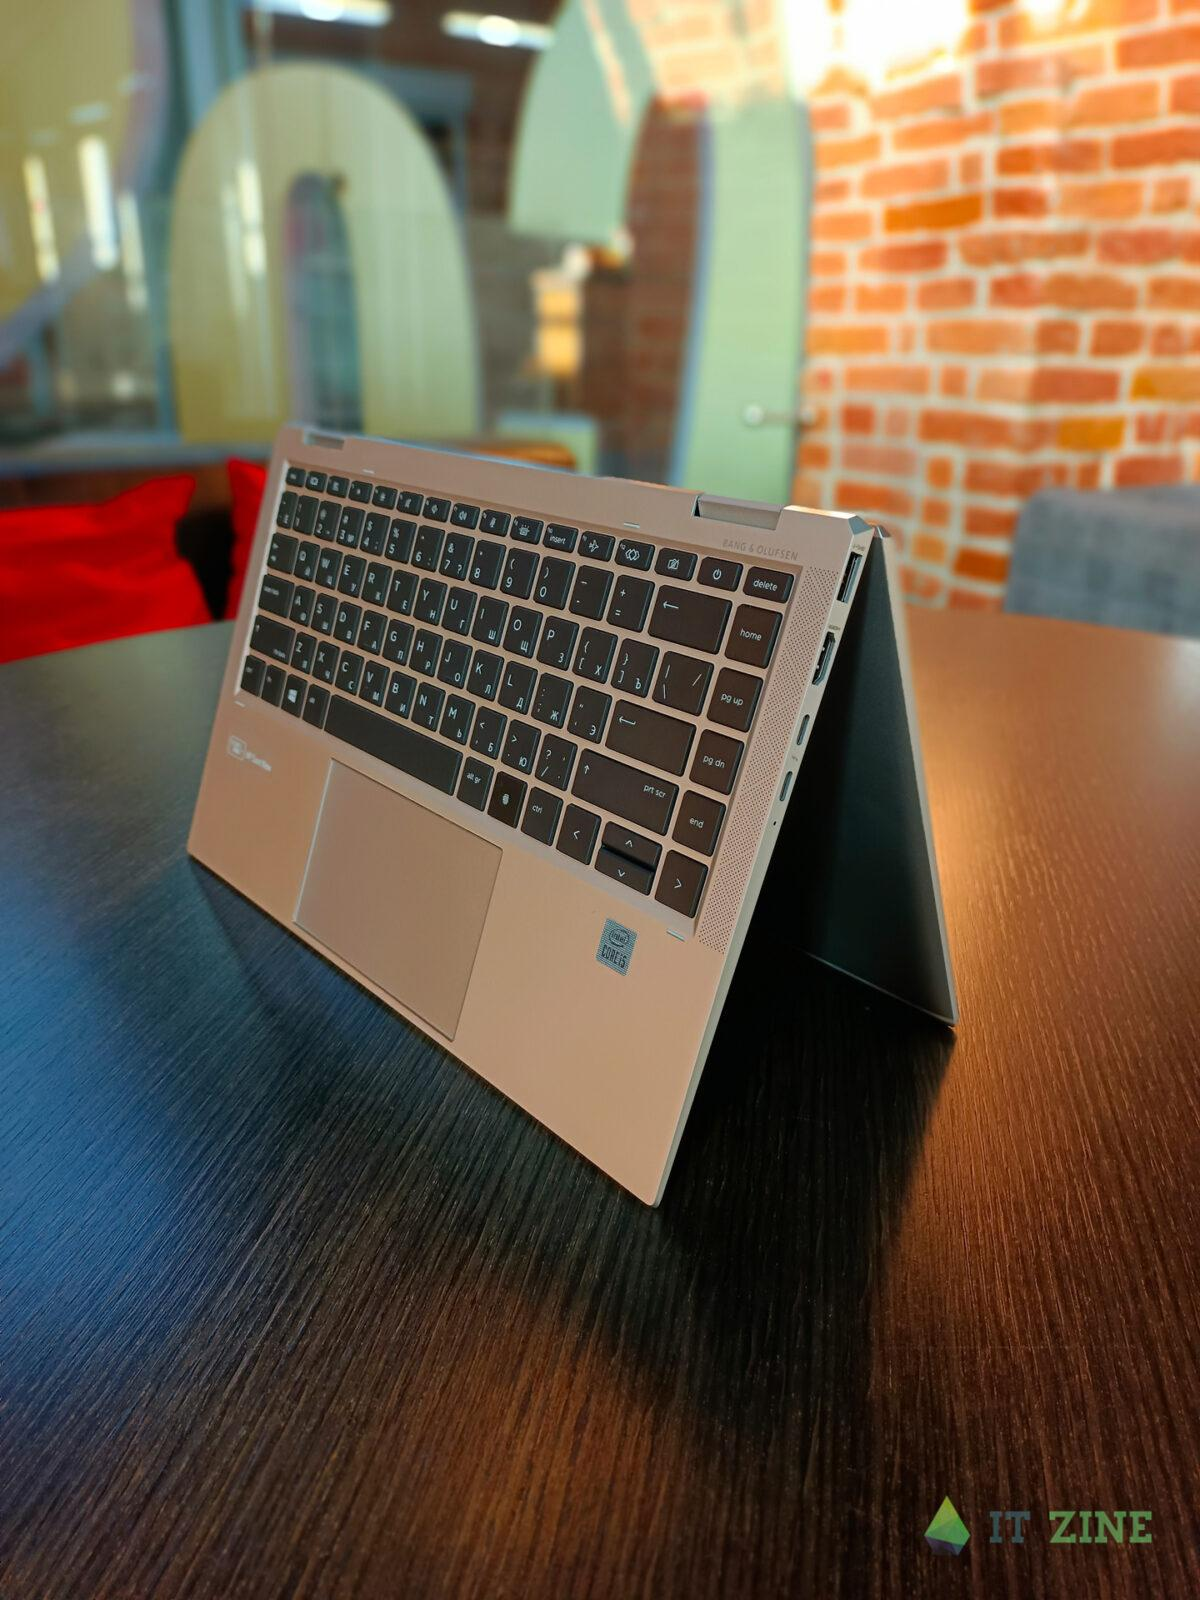 Обзор ноутбука HP EliteBook x360 1040 G7: трансформер для работы и развлечений (hp elitebook 1040 g7 26)